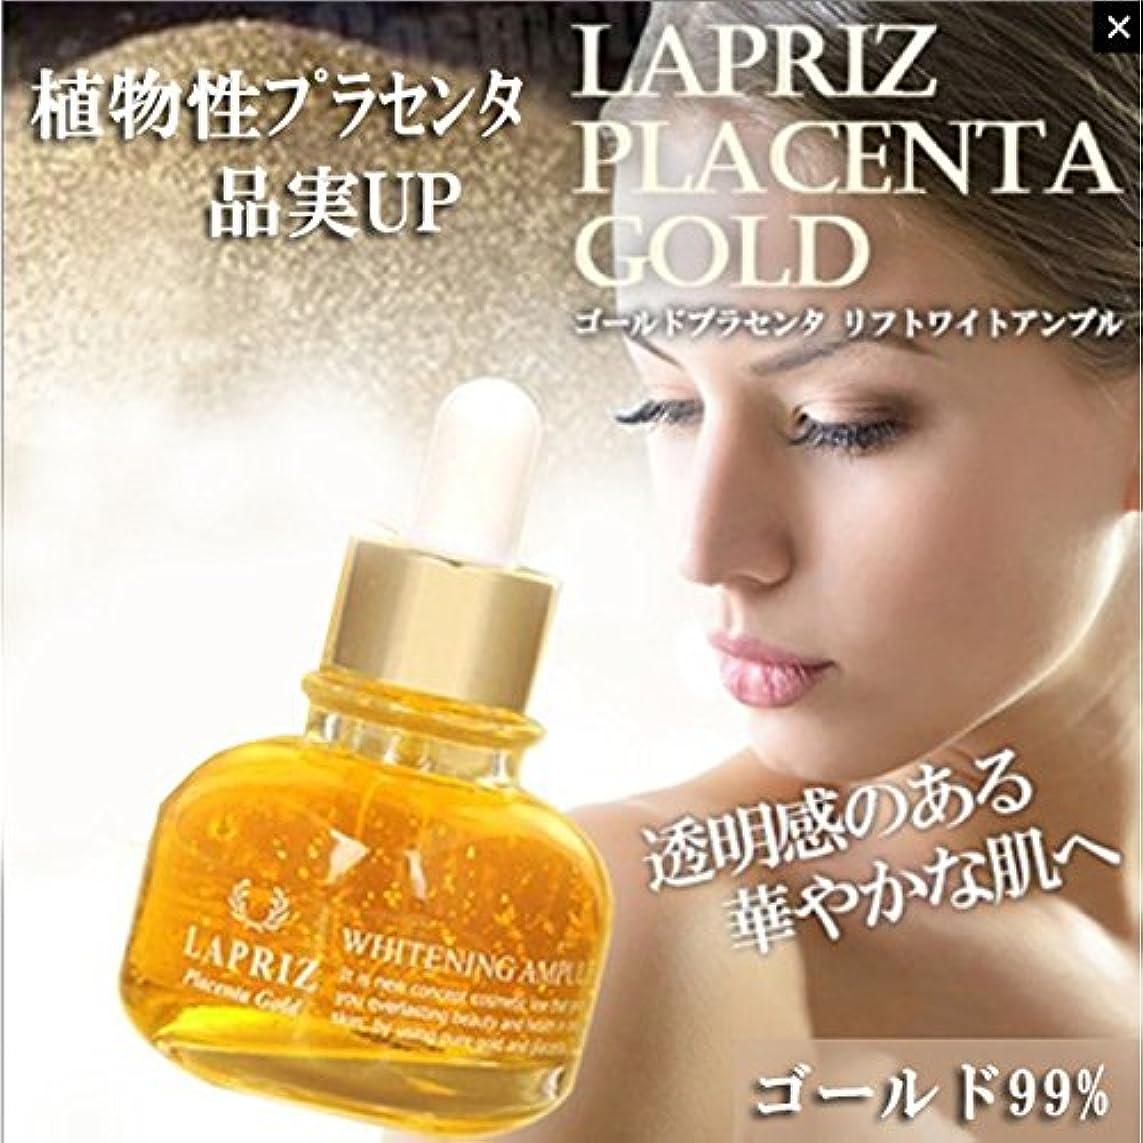 ゲートで怒って【LAPRIZ/ラプリズ】プラセンタゴルードホワイトニングアンプル99.9% ゴールド